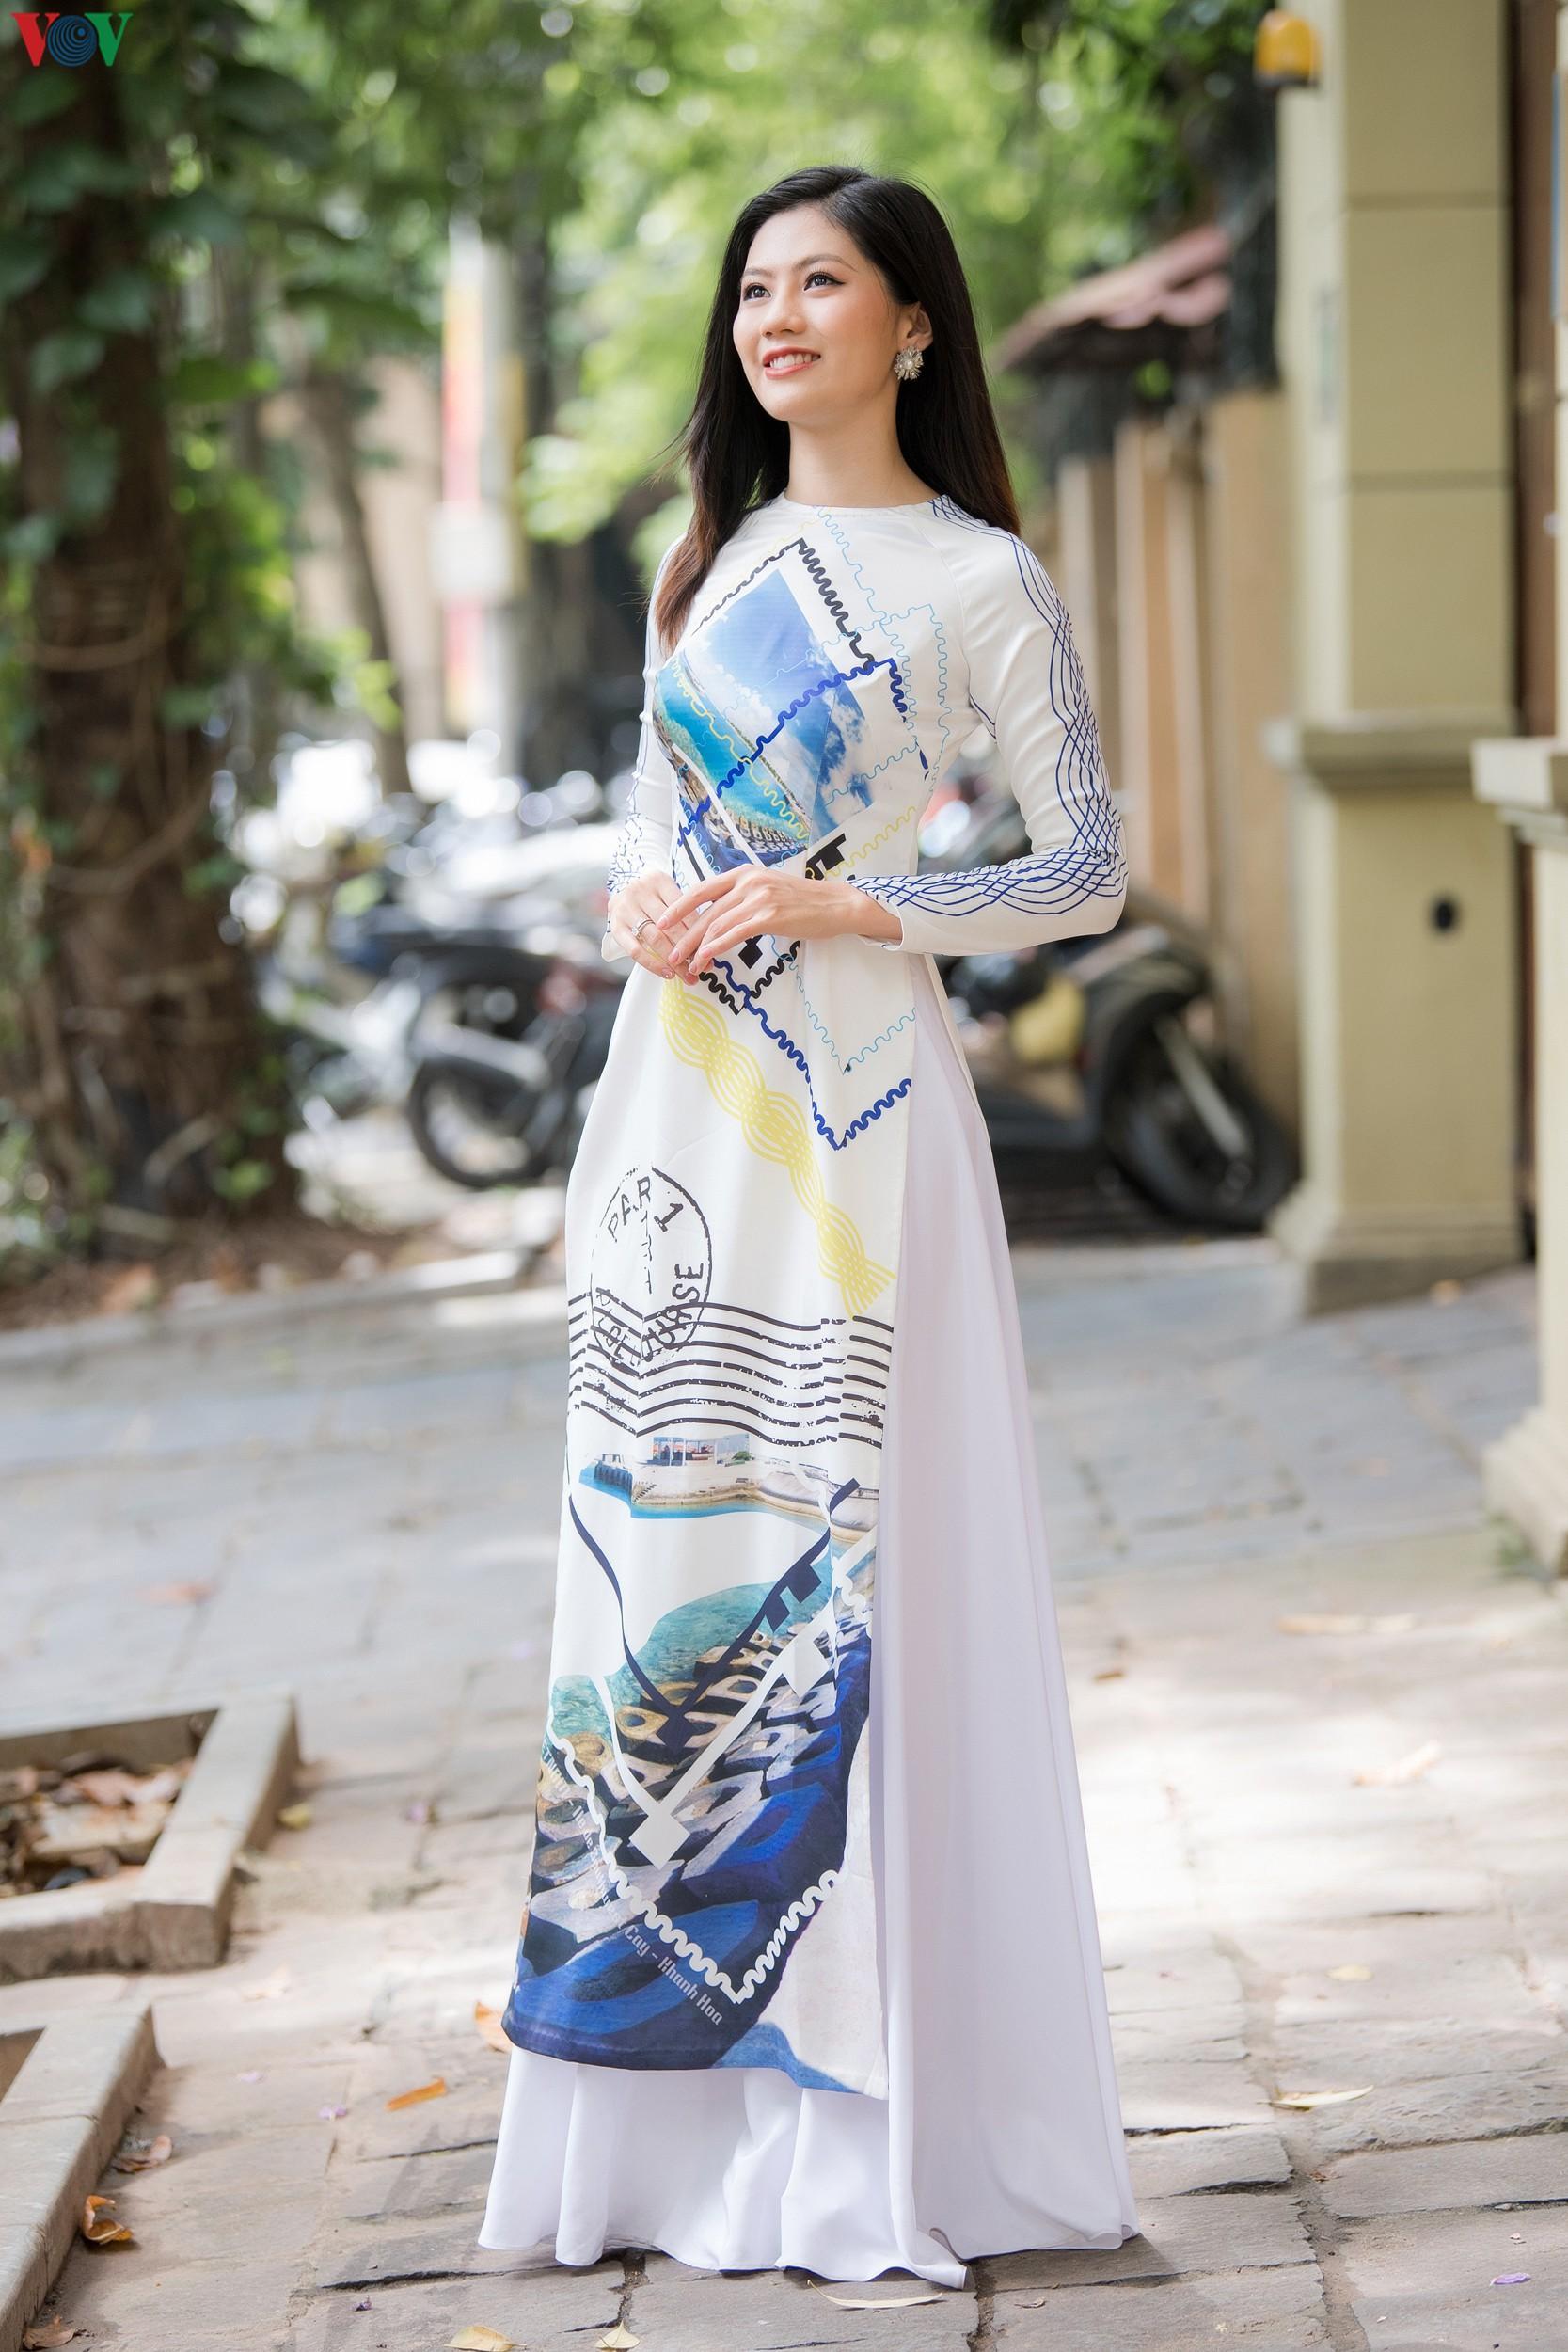 Hoa hậu Ngọc Hân, Đỗ Mỹ Linh đọ dáng với áo dài in hình biển đảo Ảnh 9